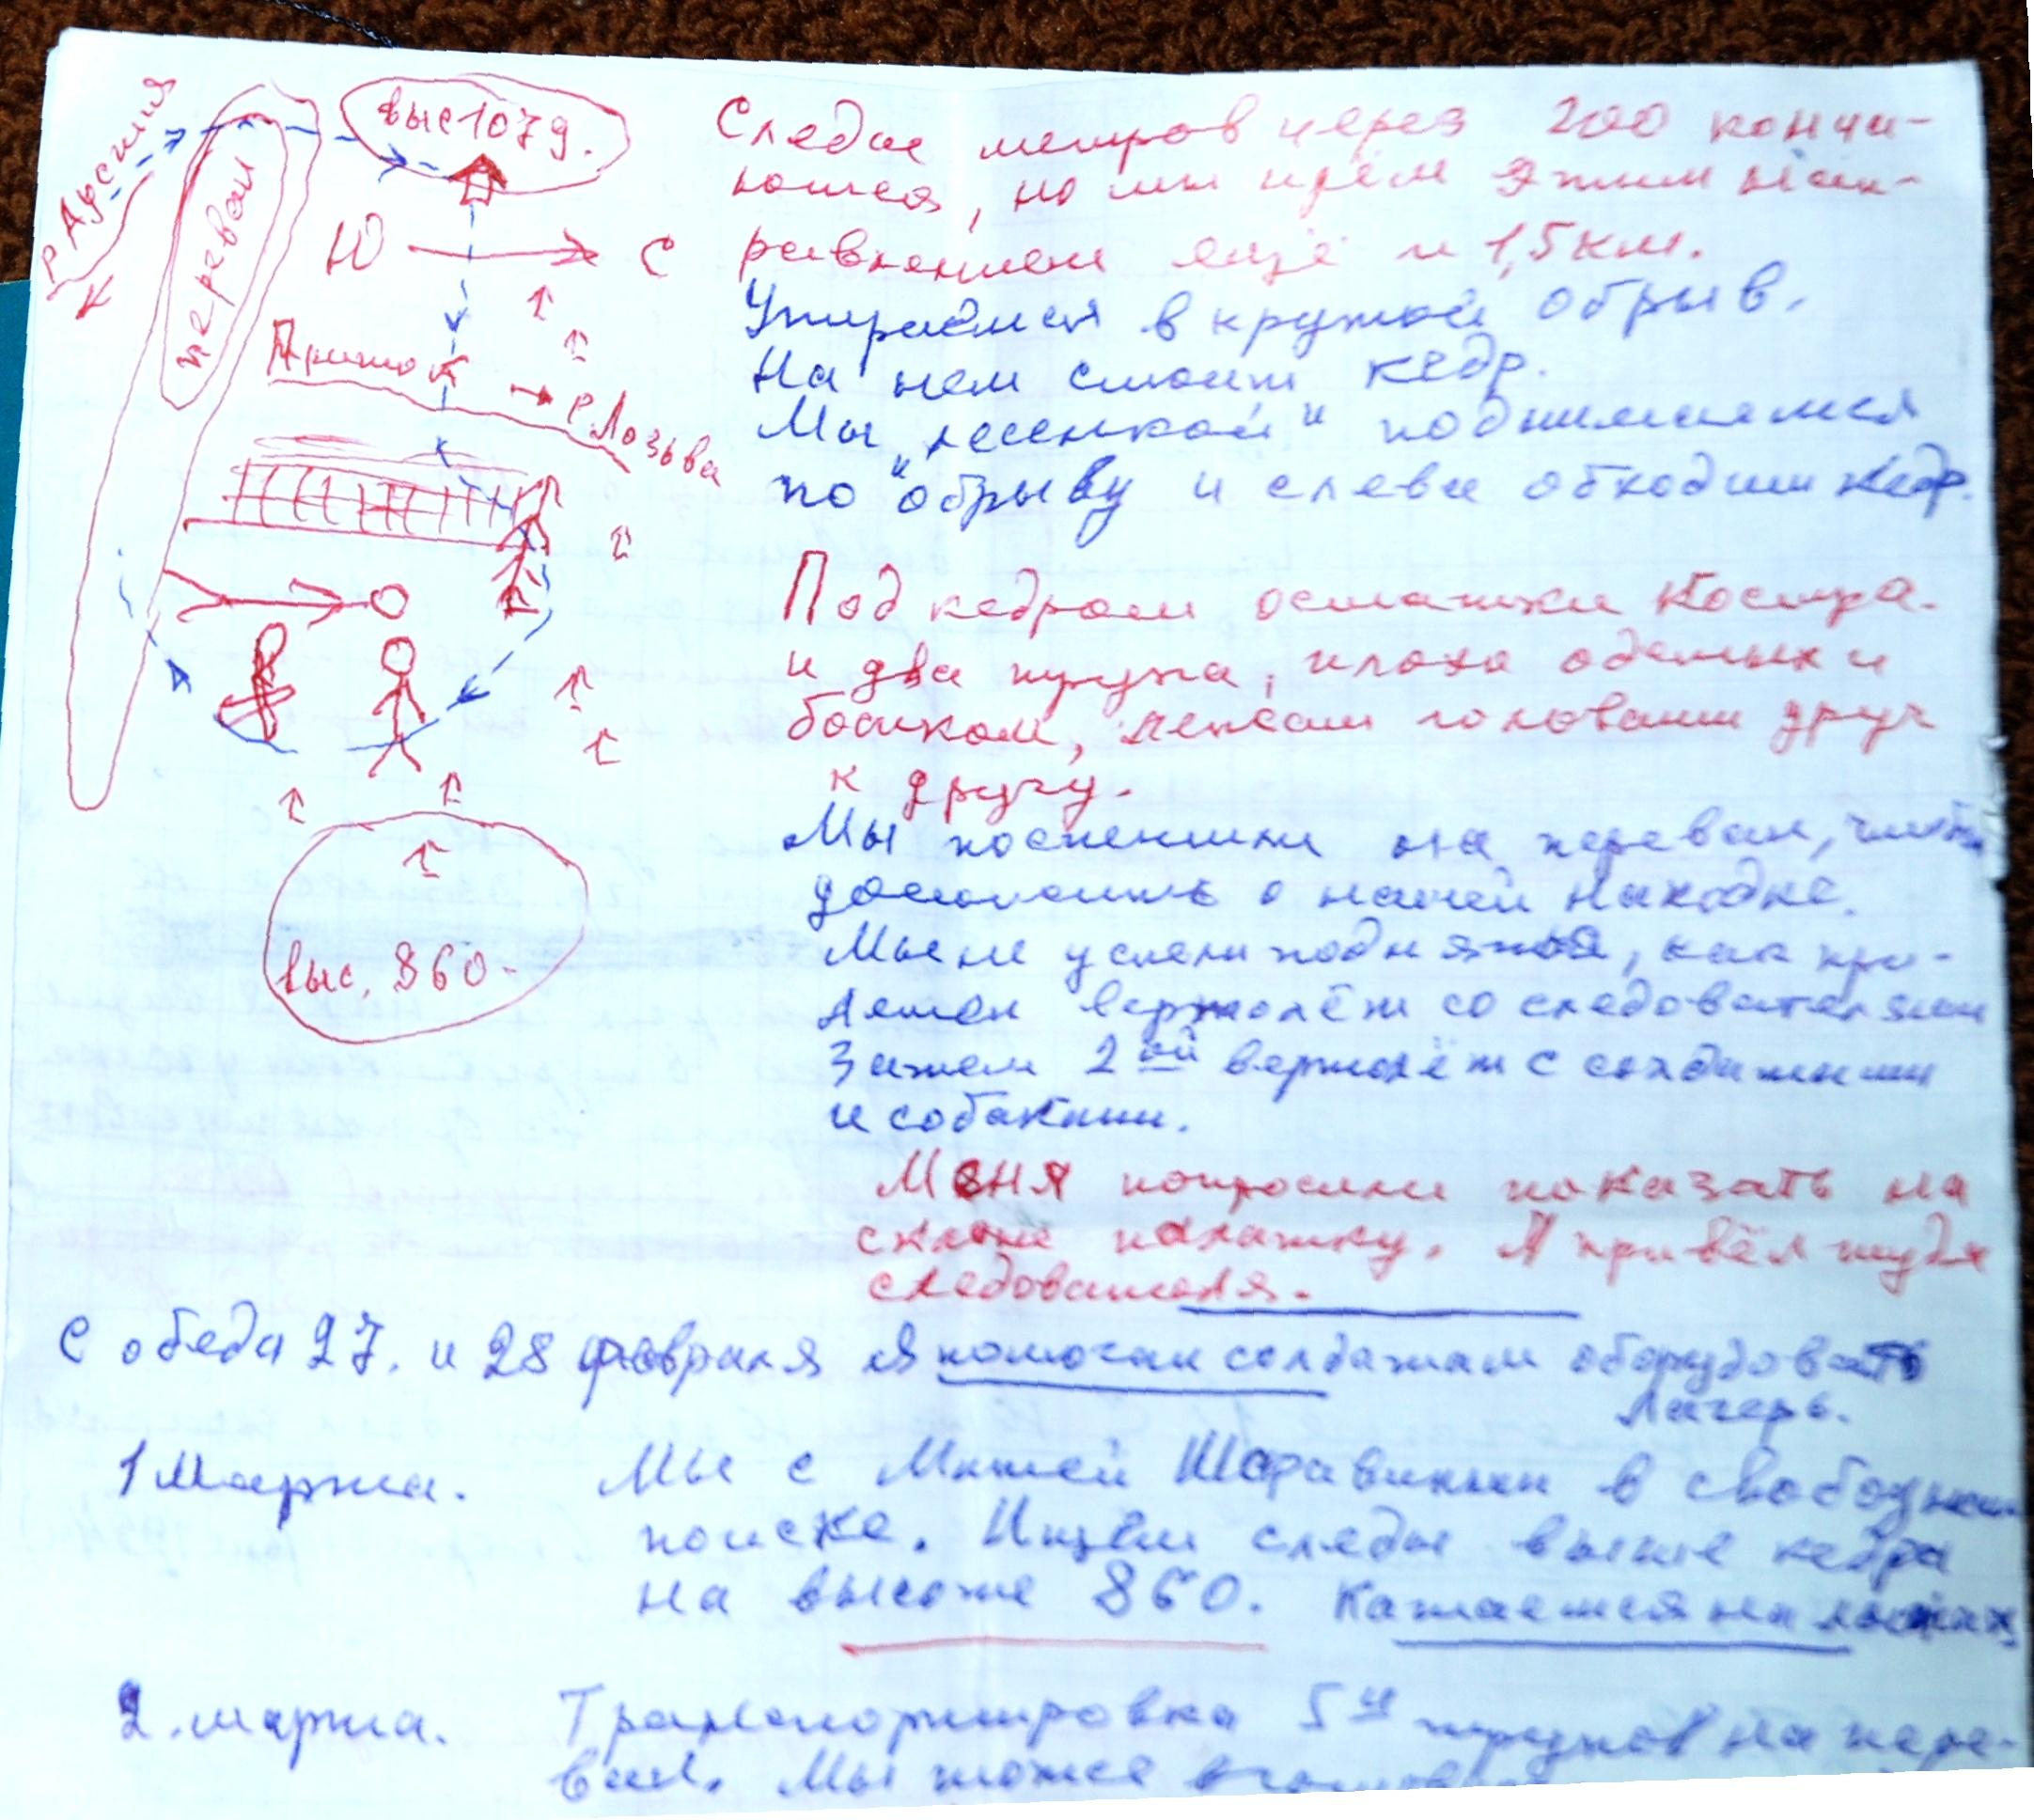 http://infodjatlov.narod.ru/DSC_1041.JPG